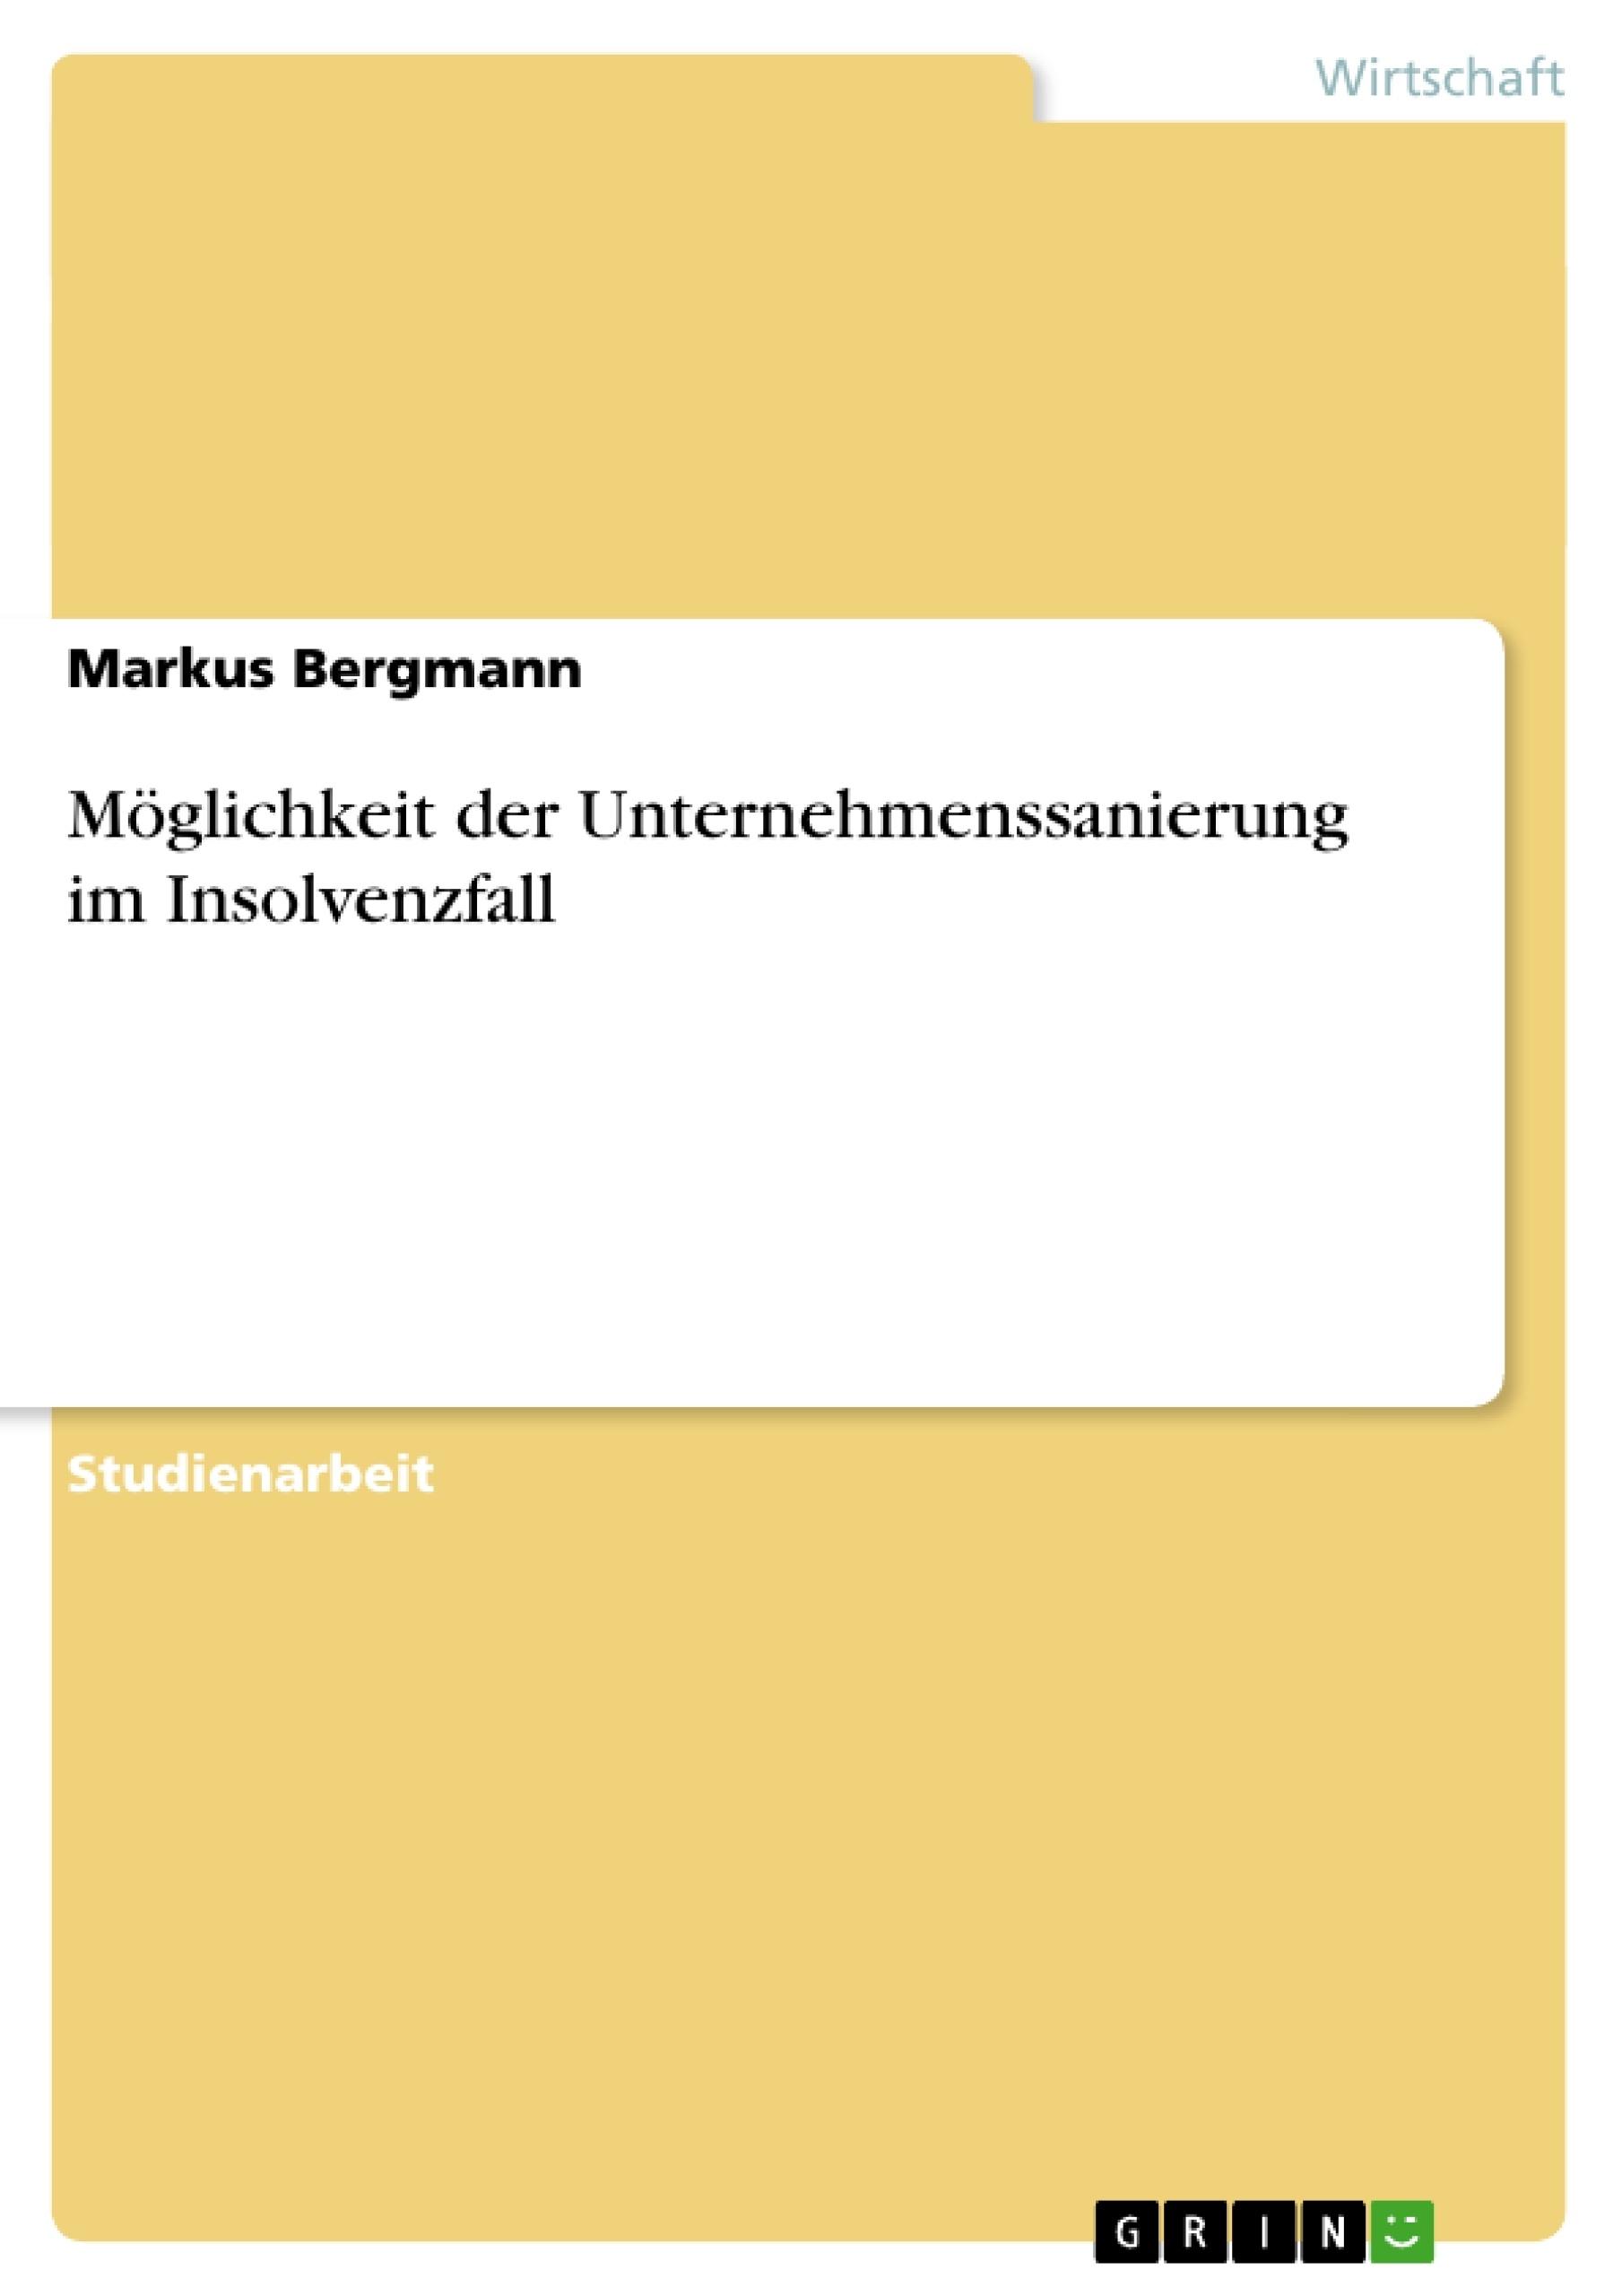 Titel: Möglichkeit der Unternehmenssanierung im Insolvenzfall